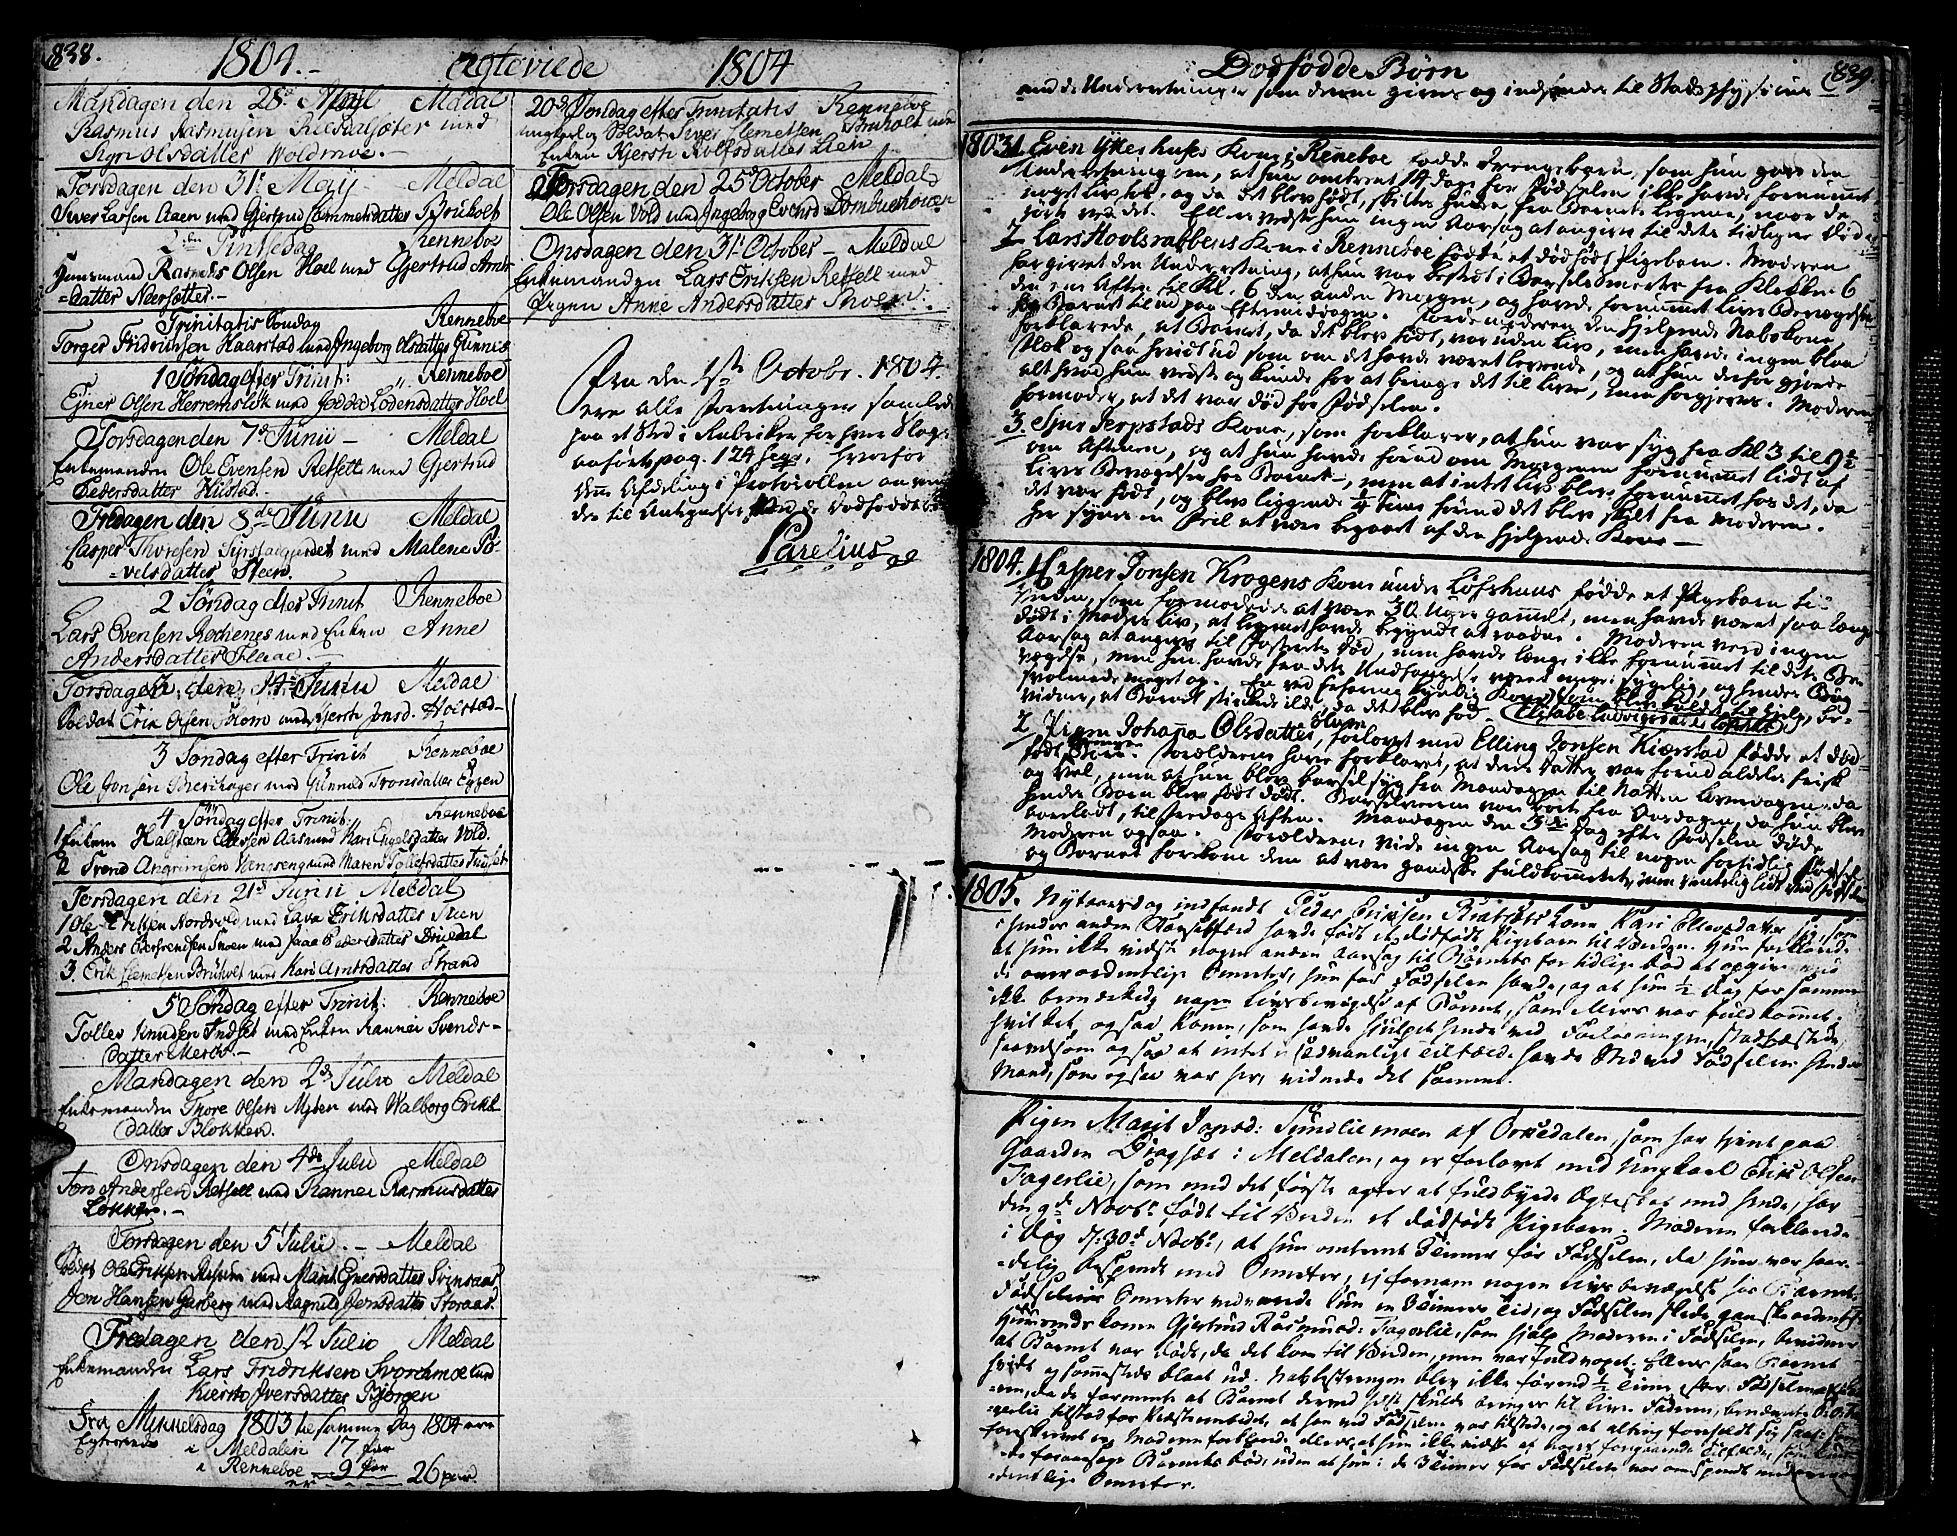 SAT, Ministerialprotokoller, klokkerbøker og fødselsregistre - Sør-Trøndelag, 672/L0852: Ministerialbok nr. 672A05, 1776-1815, s. 838-839